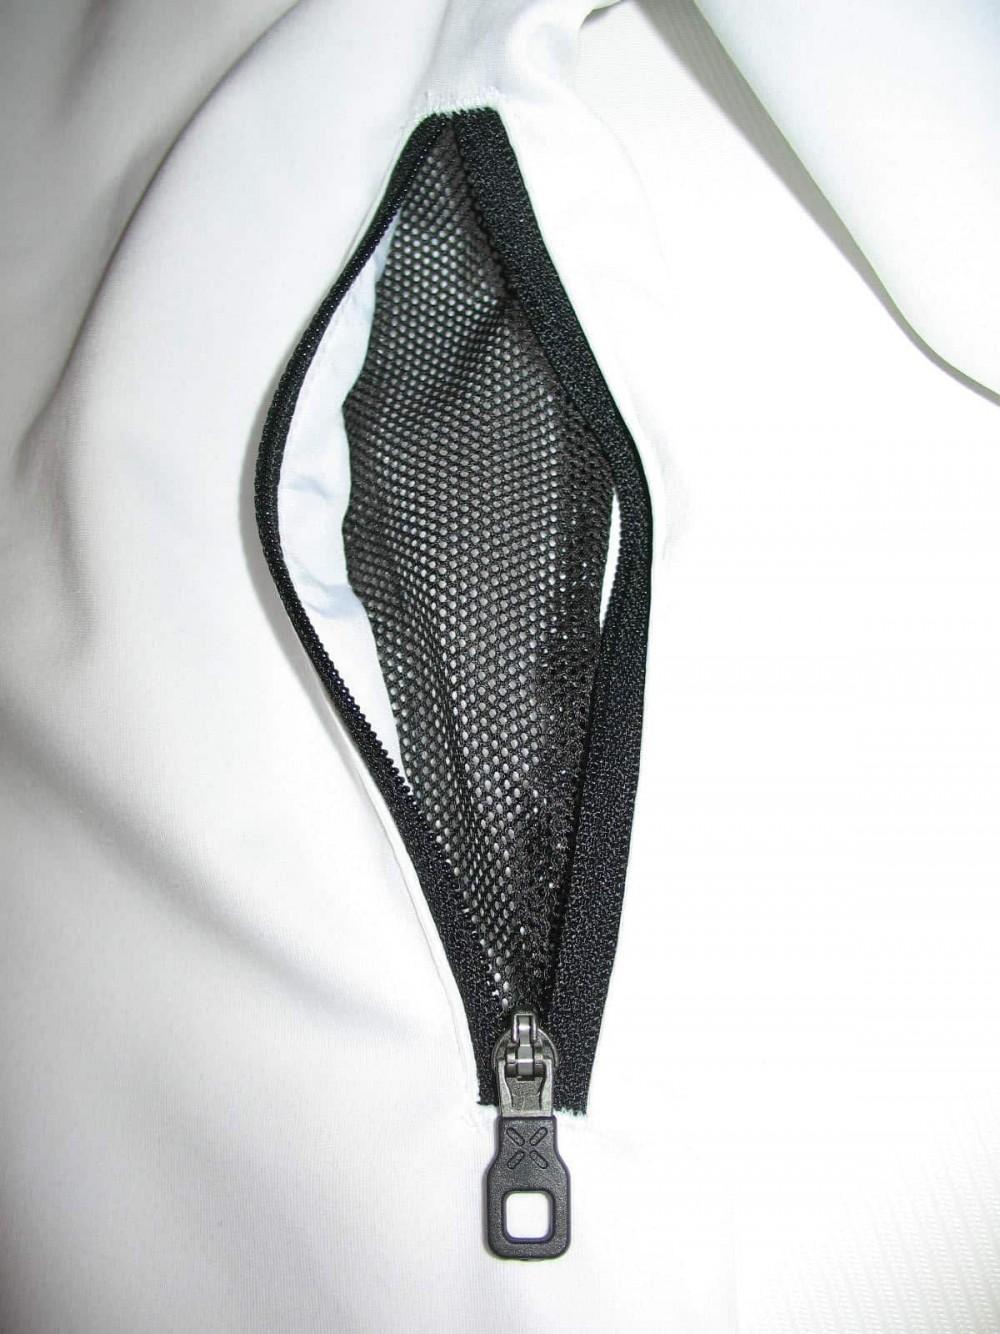 Велокуртка B'TWIN windblock 500 bike jacket (размер 52-54/L-XL) - 6